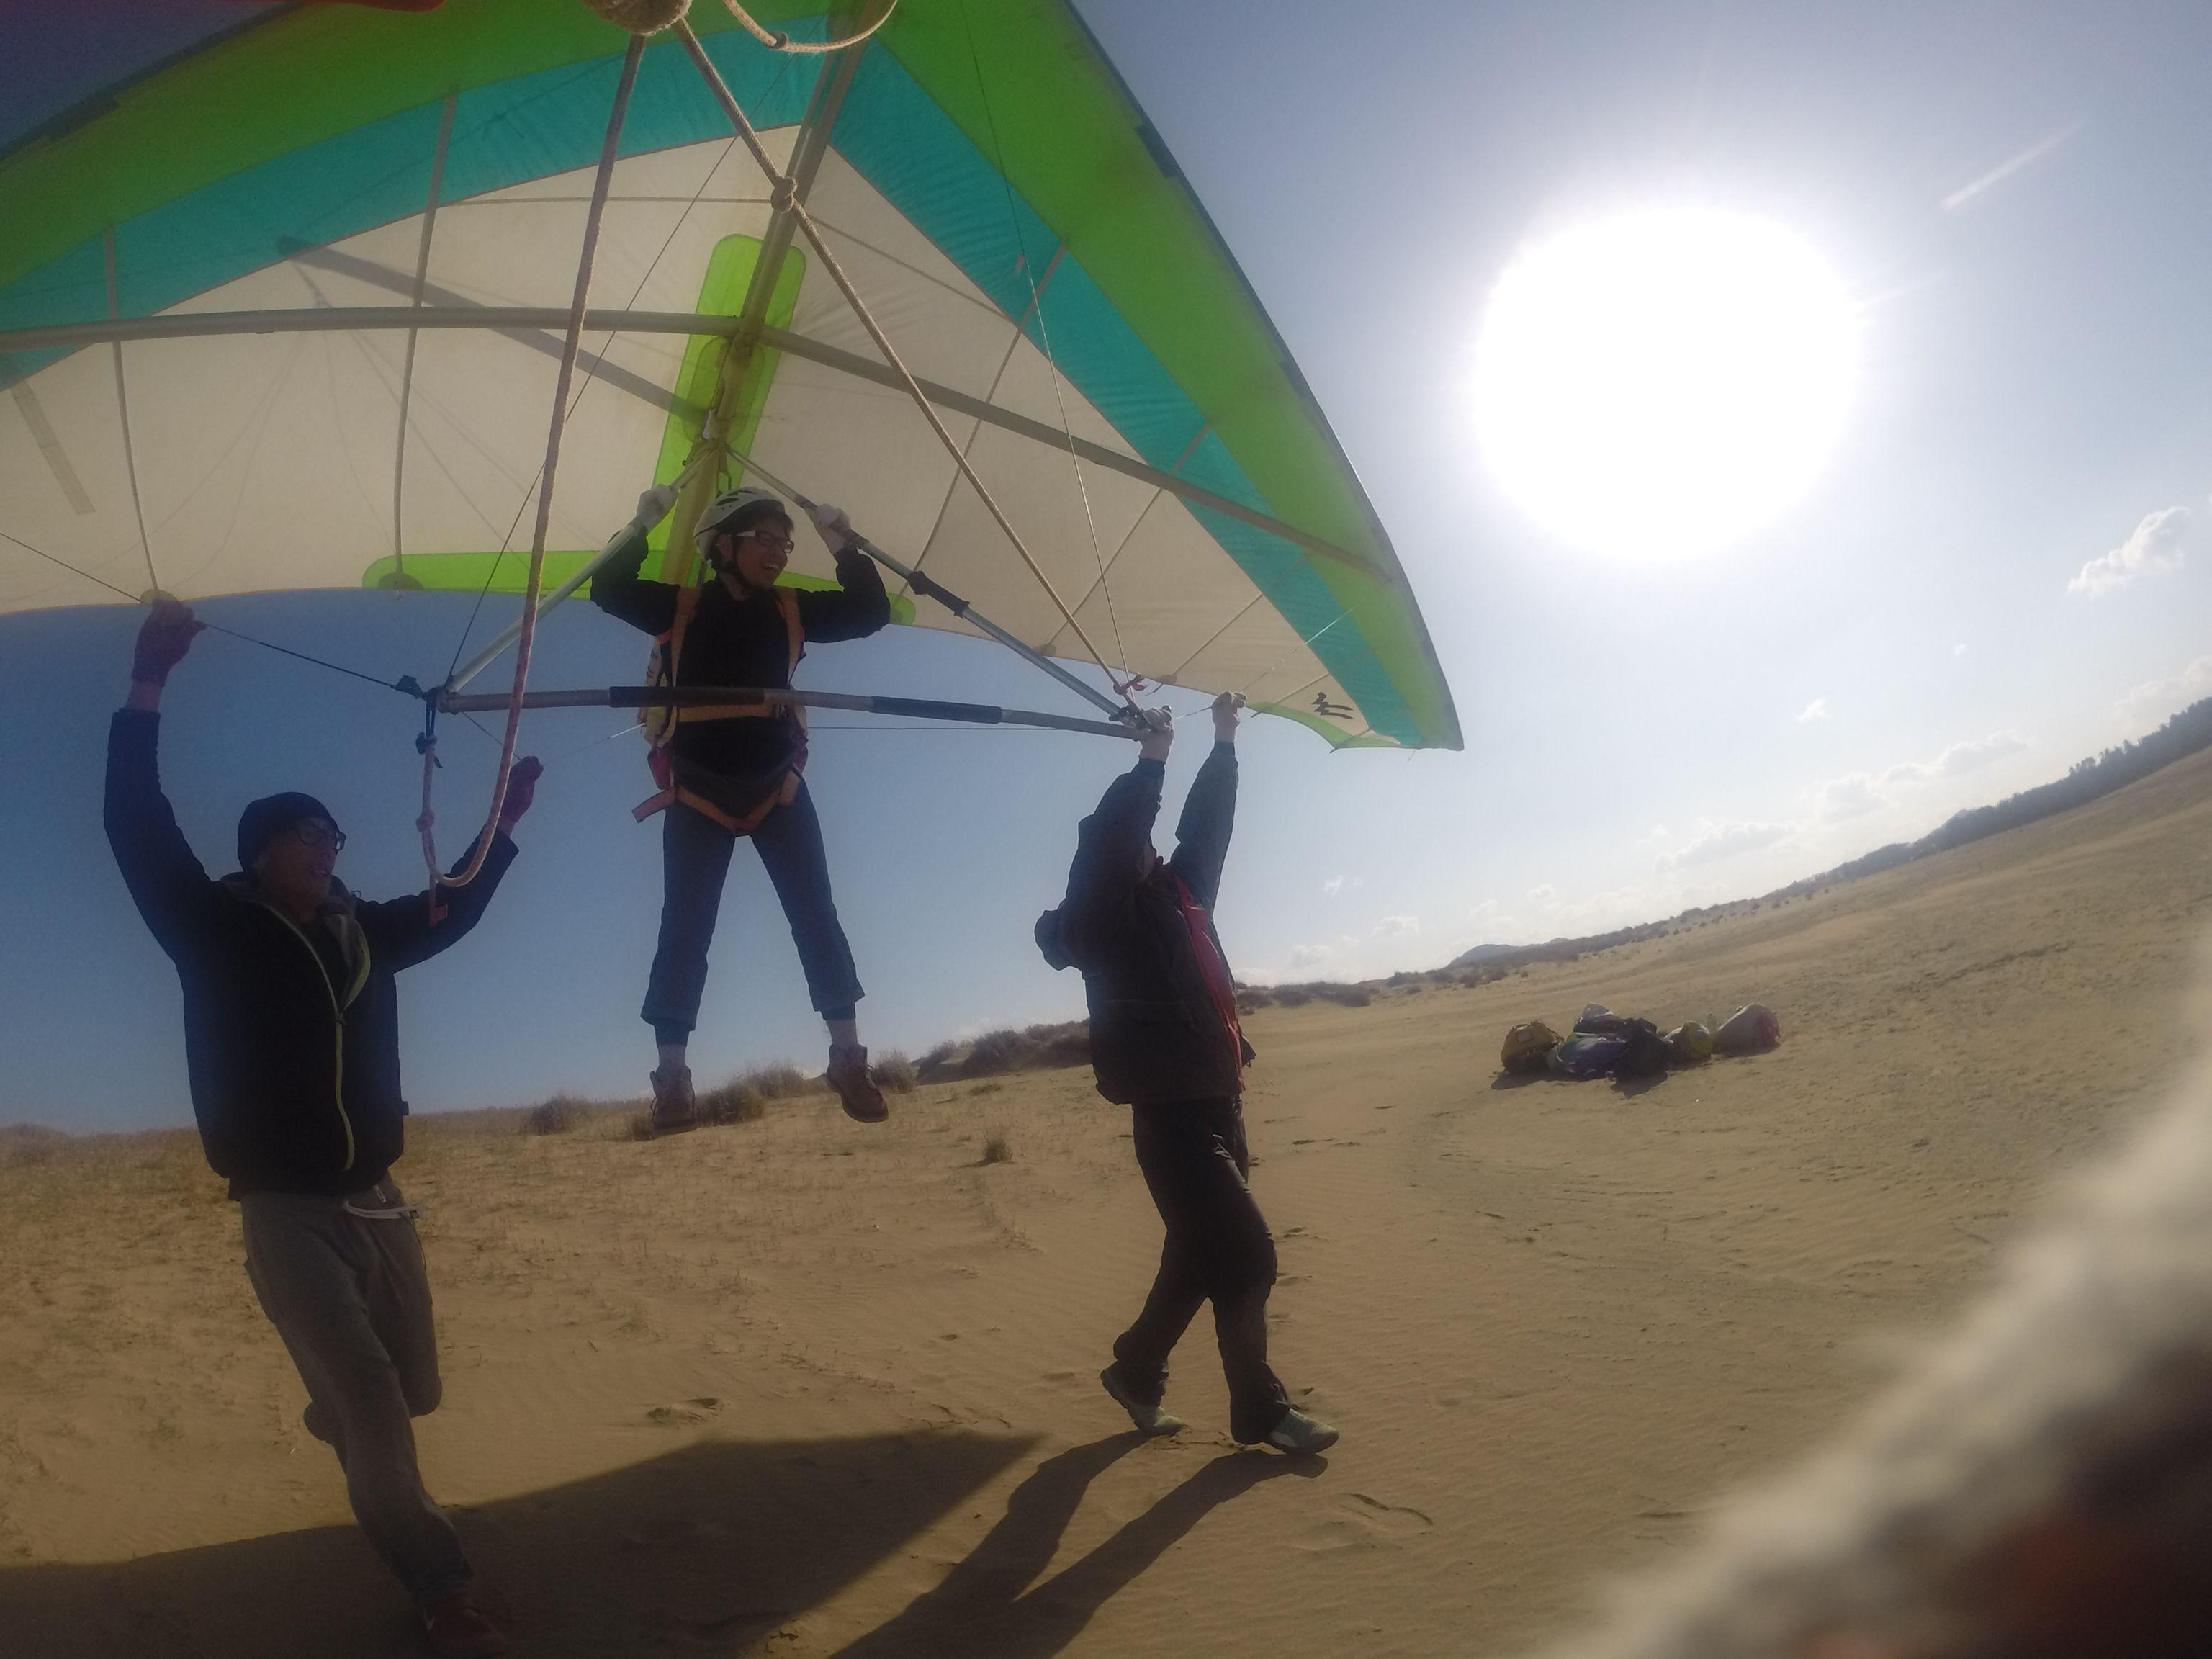 西風を受けて、爽快にハンググライダーで飛ぶ